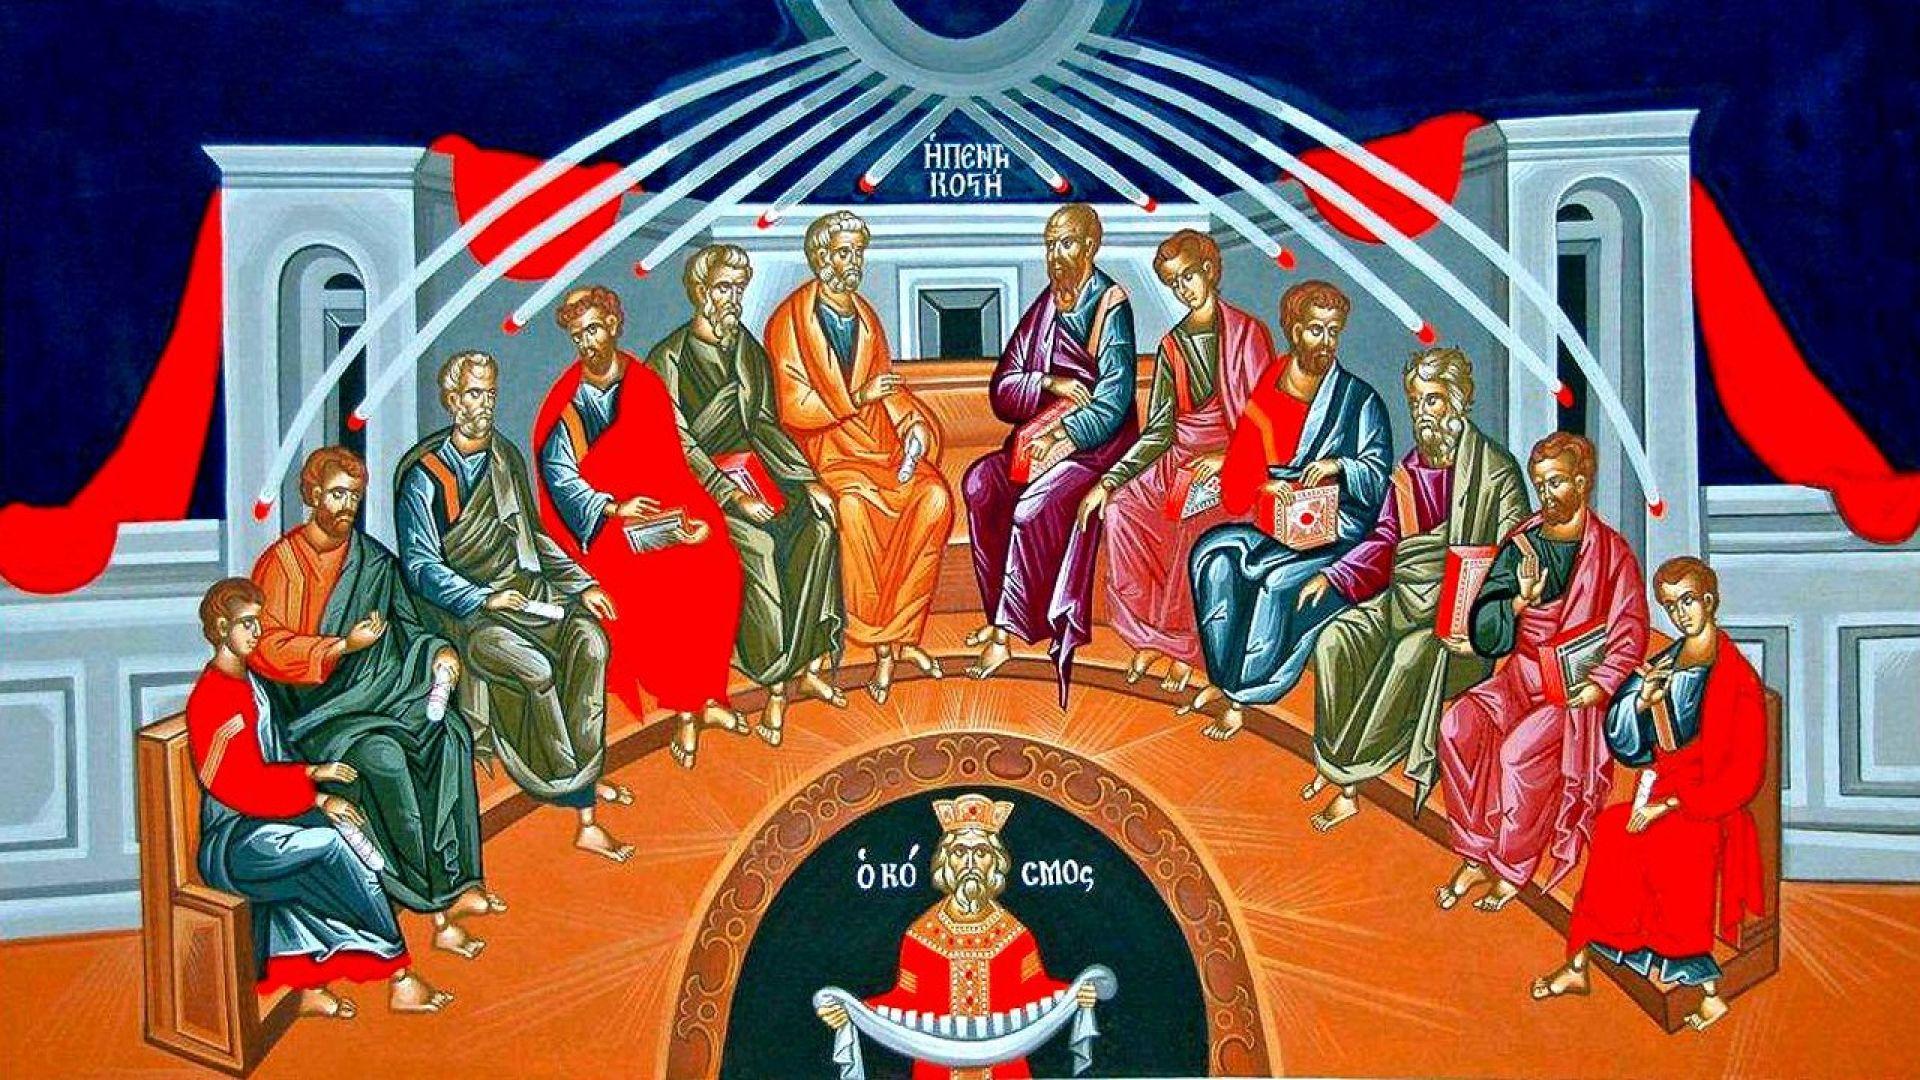 Днес е Петдесетница - един от най-големите православни празници. Той